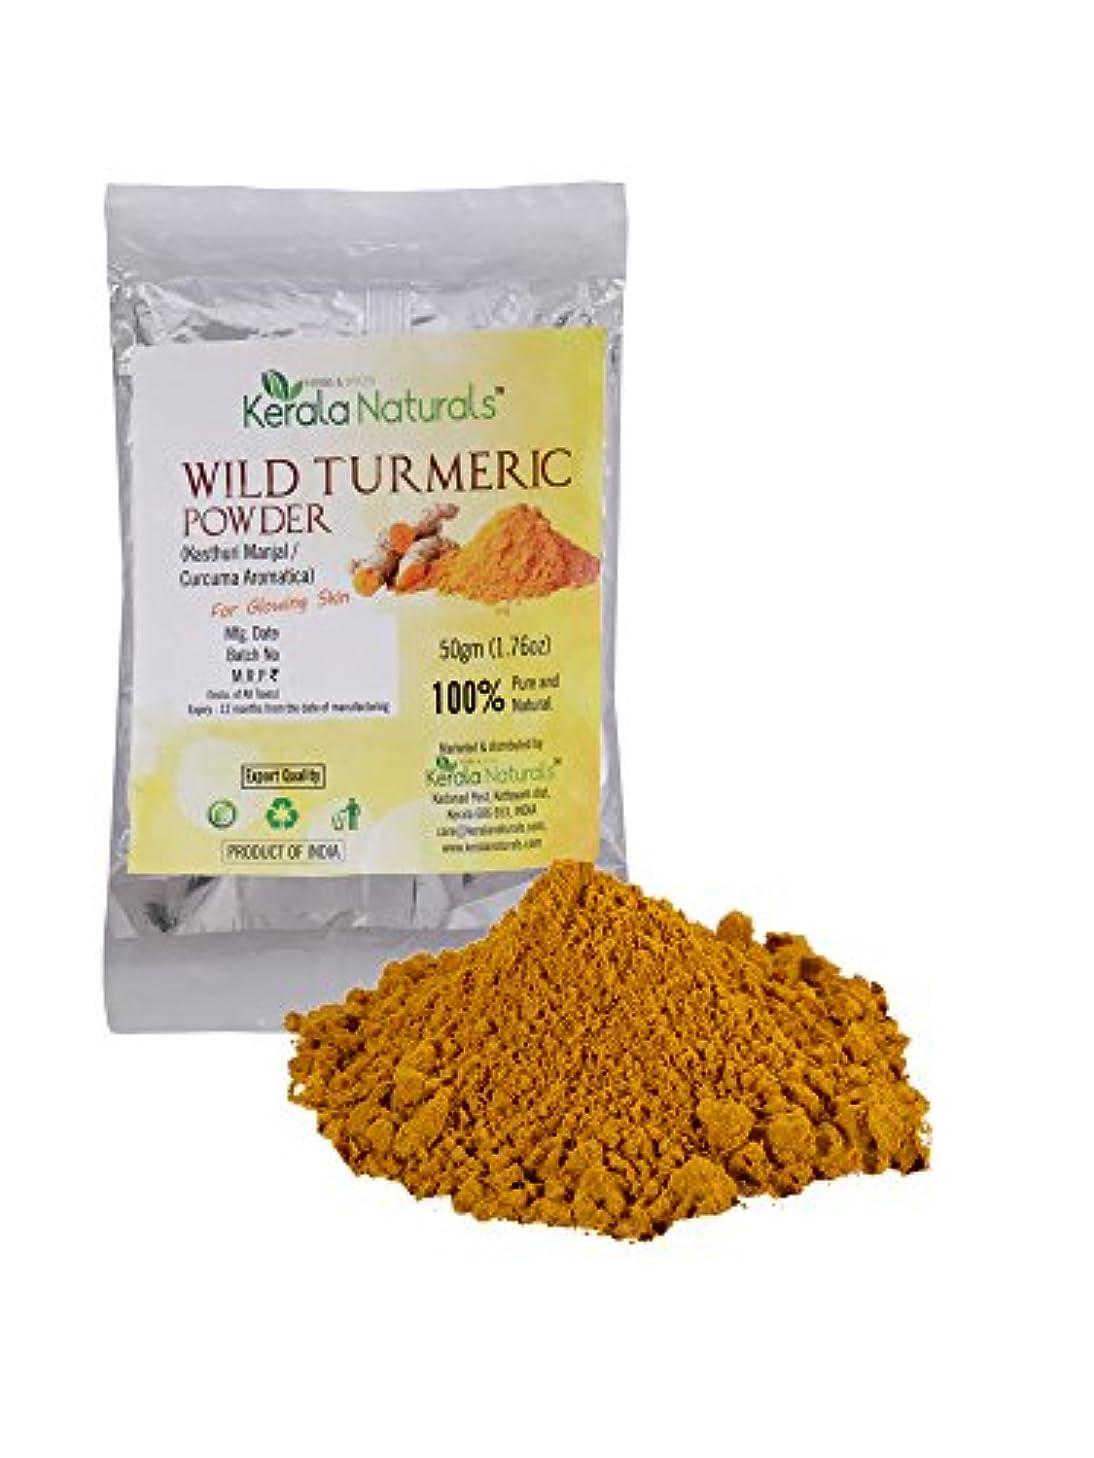 毒液角度興奮するKerala Naturals Wild Turmeric - Kasthuri Manjal: For Glowing Skin - 100 gm - ケララナチュラルズワイルドウコン-カストゥリマンジャール:輝く肌用-100 gm